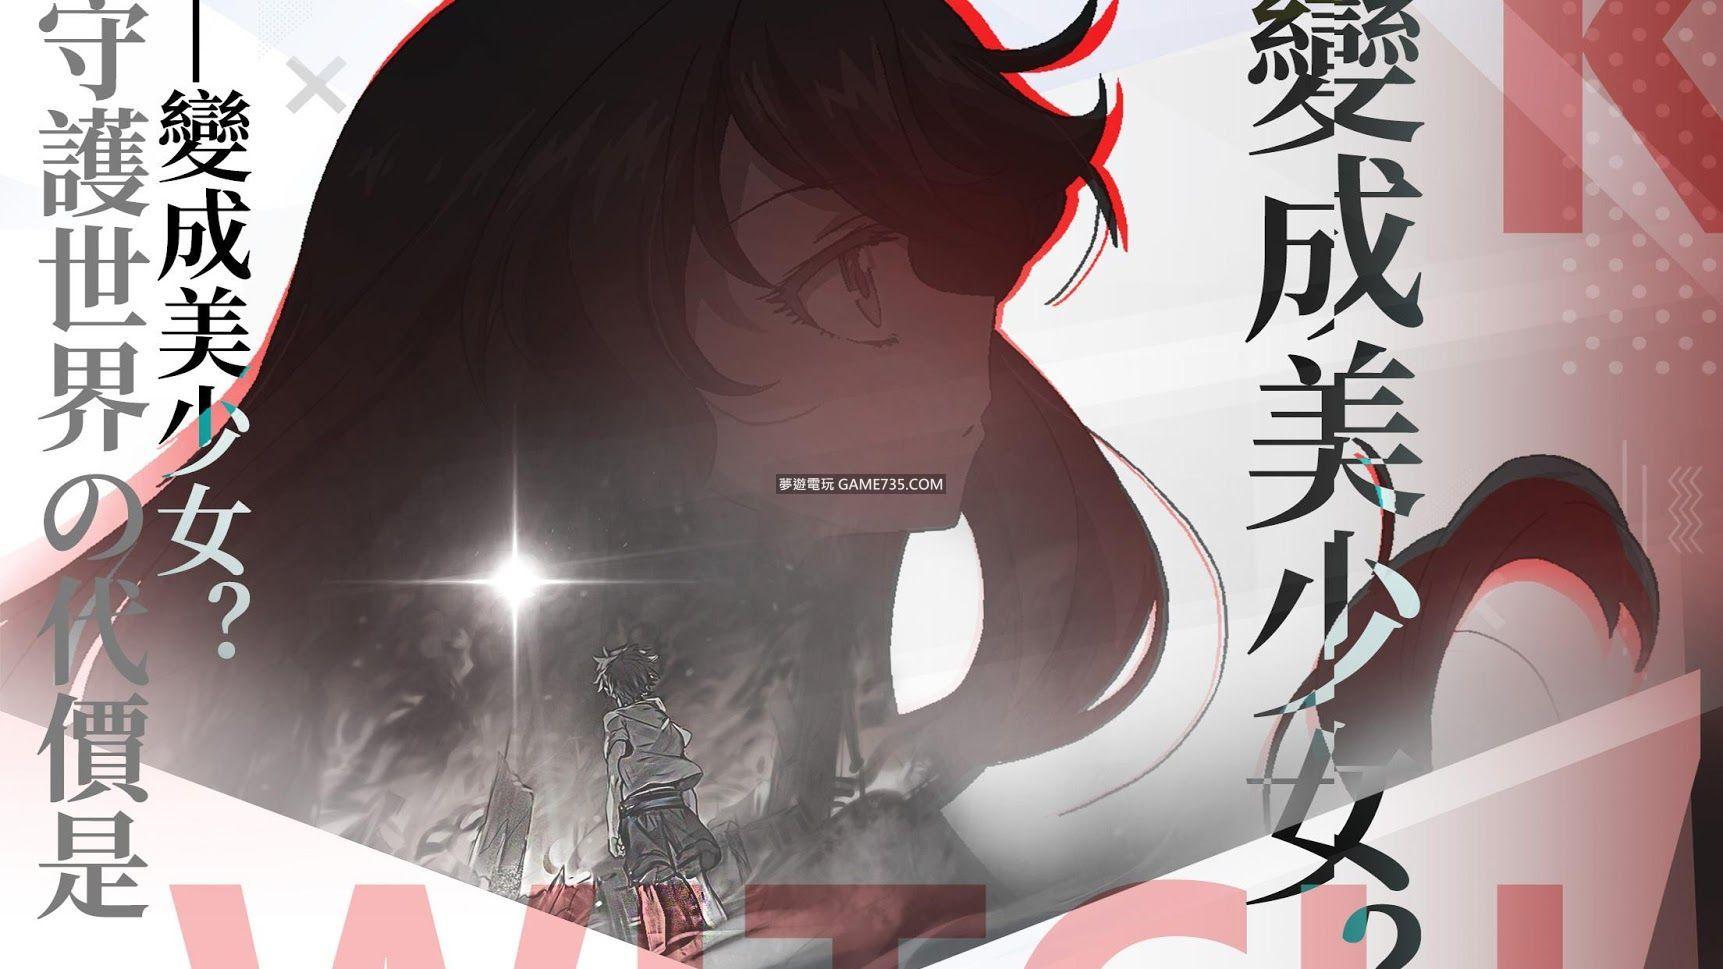 【修改版+繁體】魔女兵器—超幻想!性轉百合美少女RPG! v1.4.0 秒殺 無敵